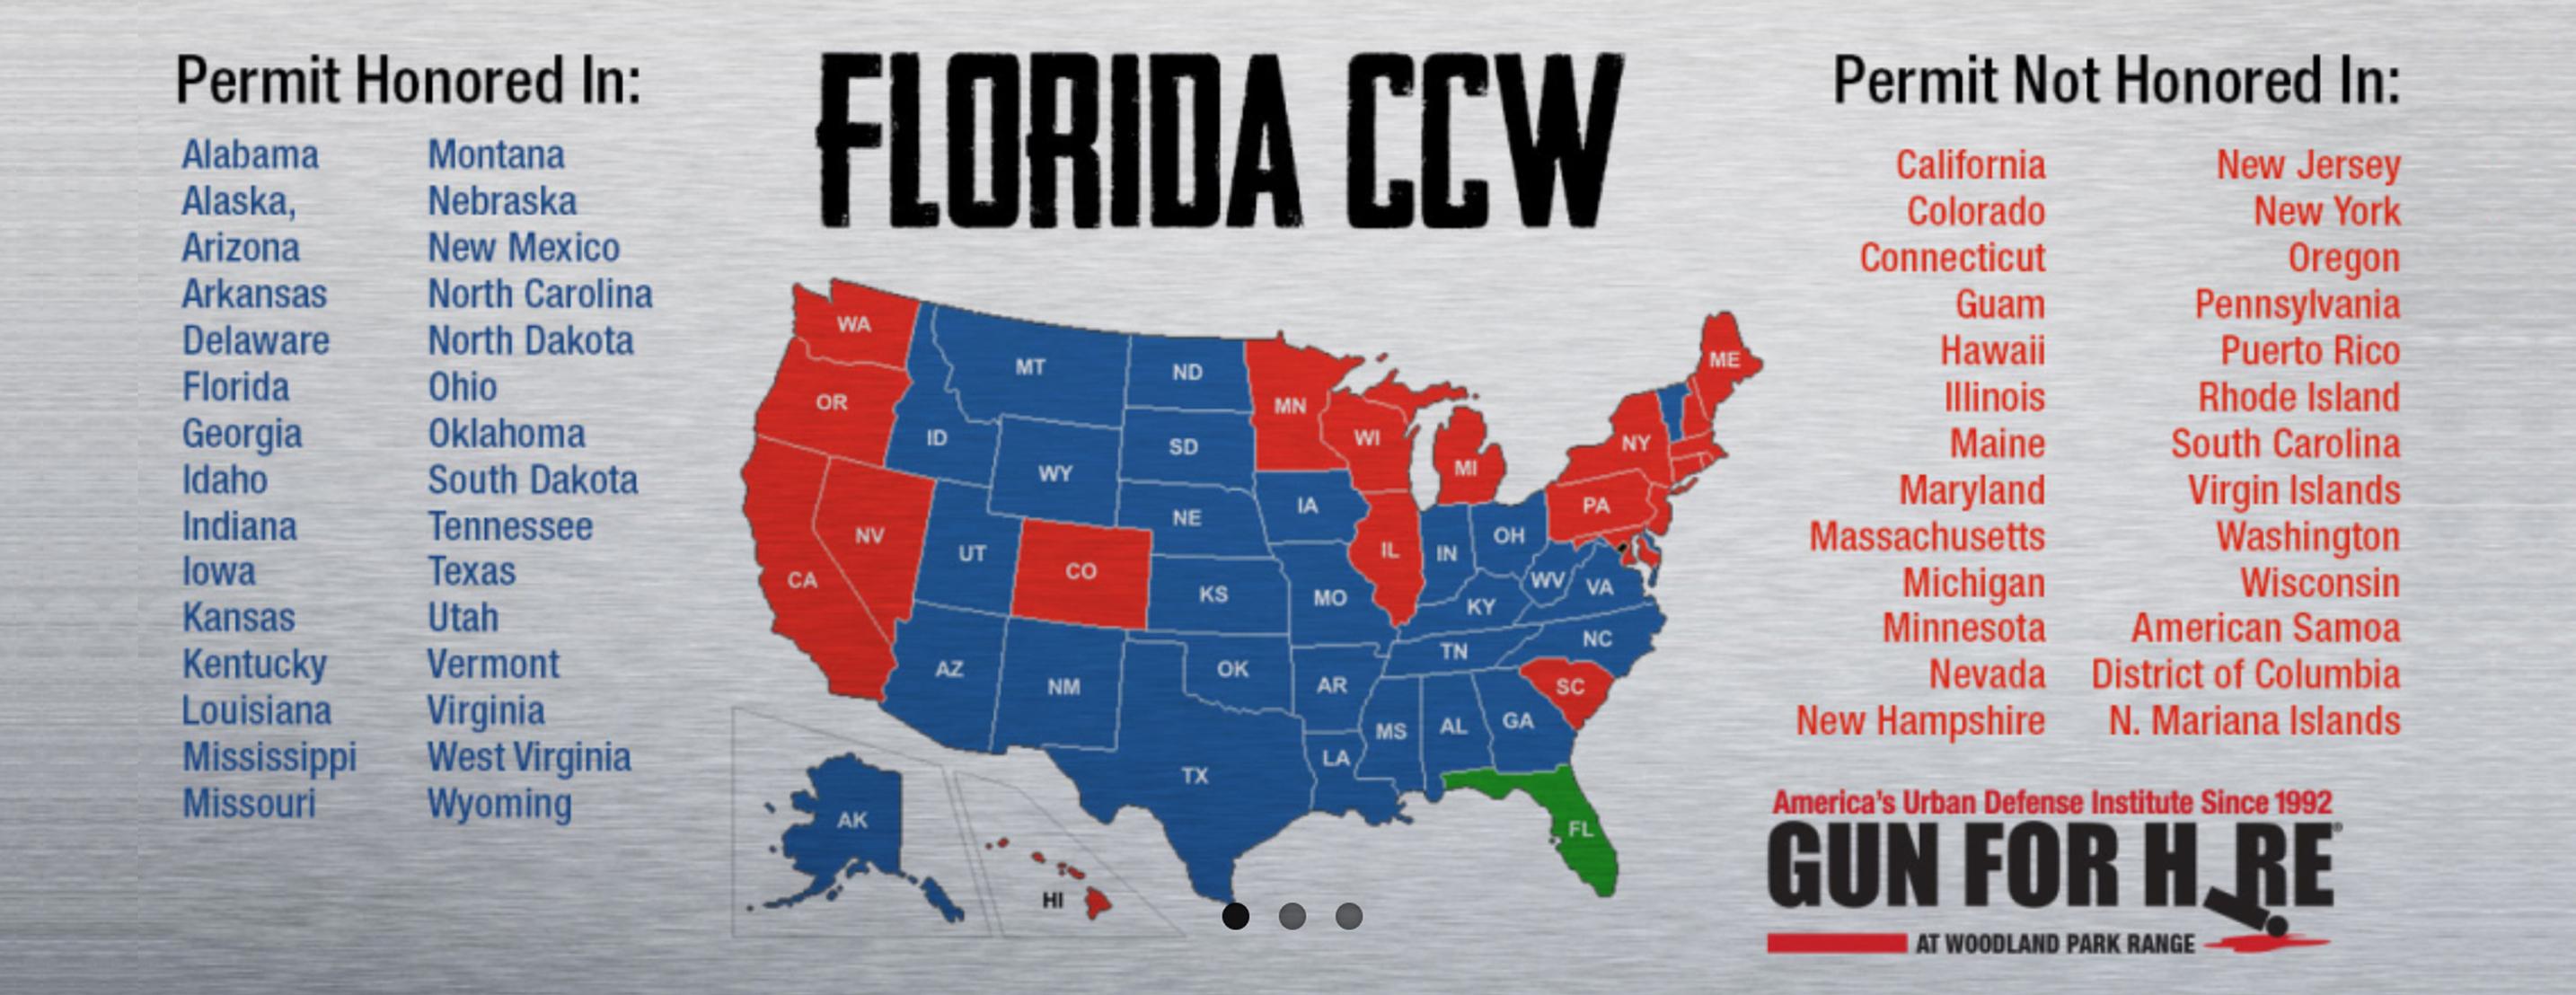 Florida Ccw | Gun For Hire Academy - Florida Ccw Map